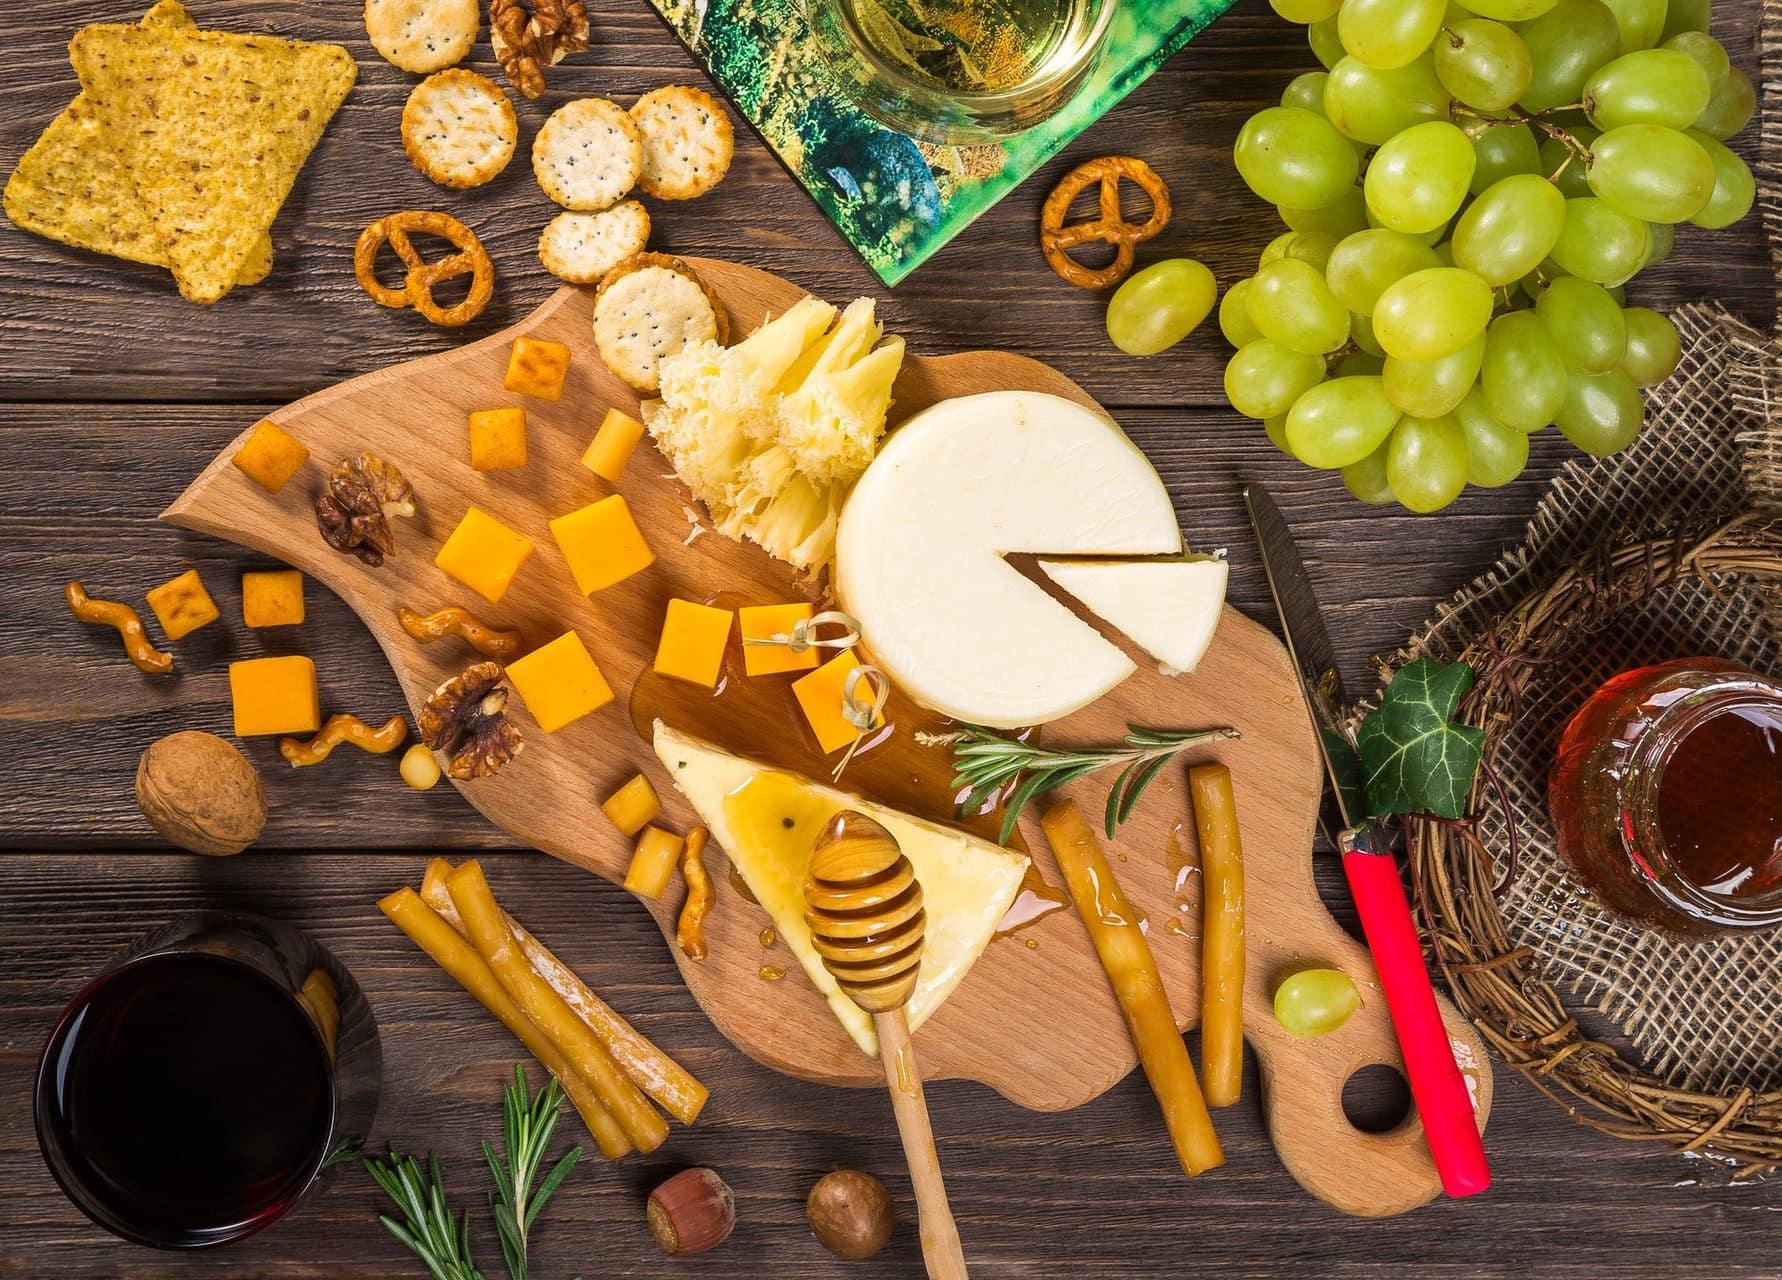 Käseplatte, Honig und Rotwein, spanische Gourmet-Produkte